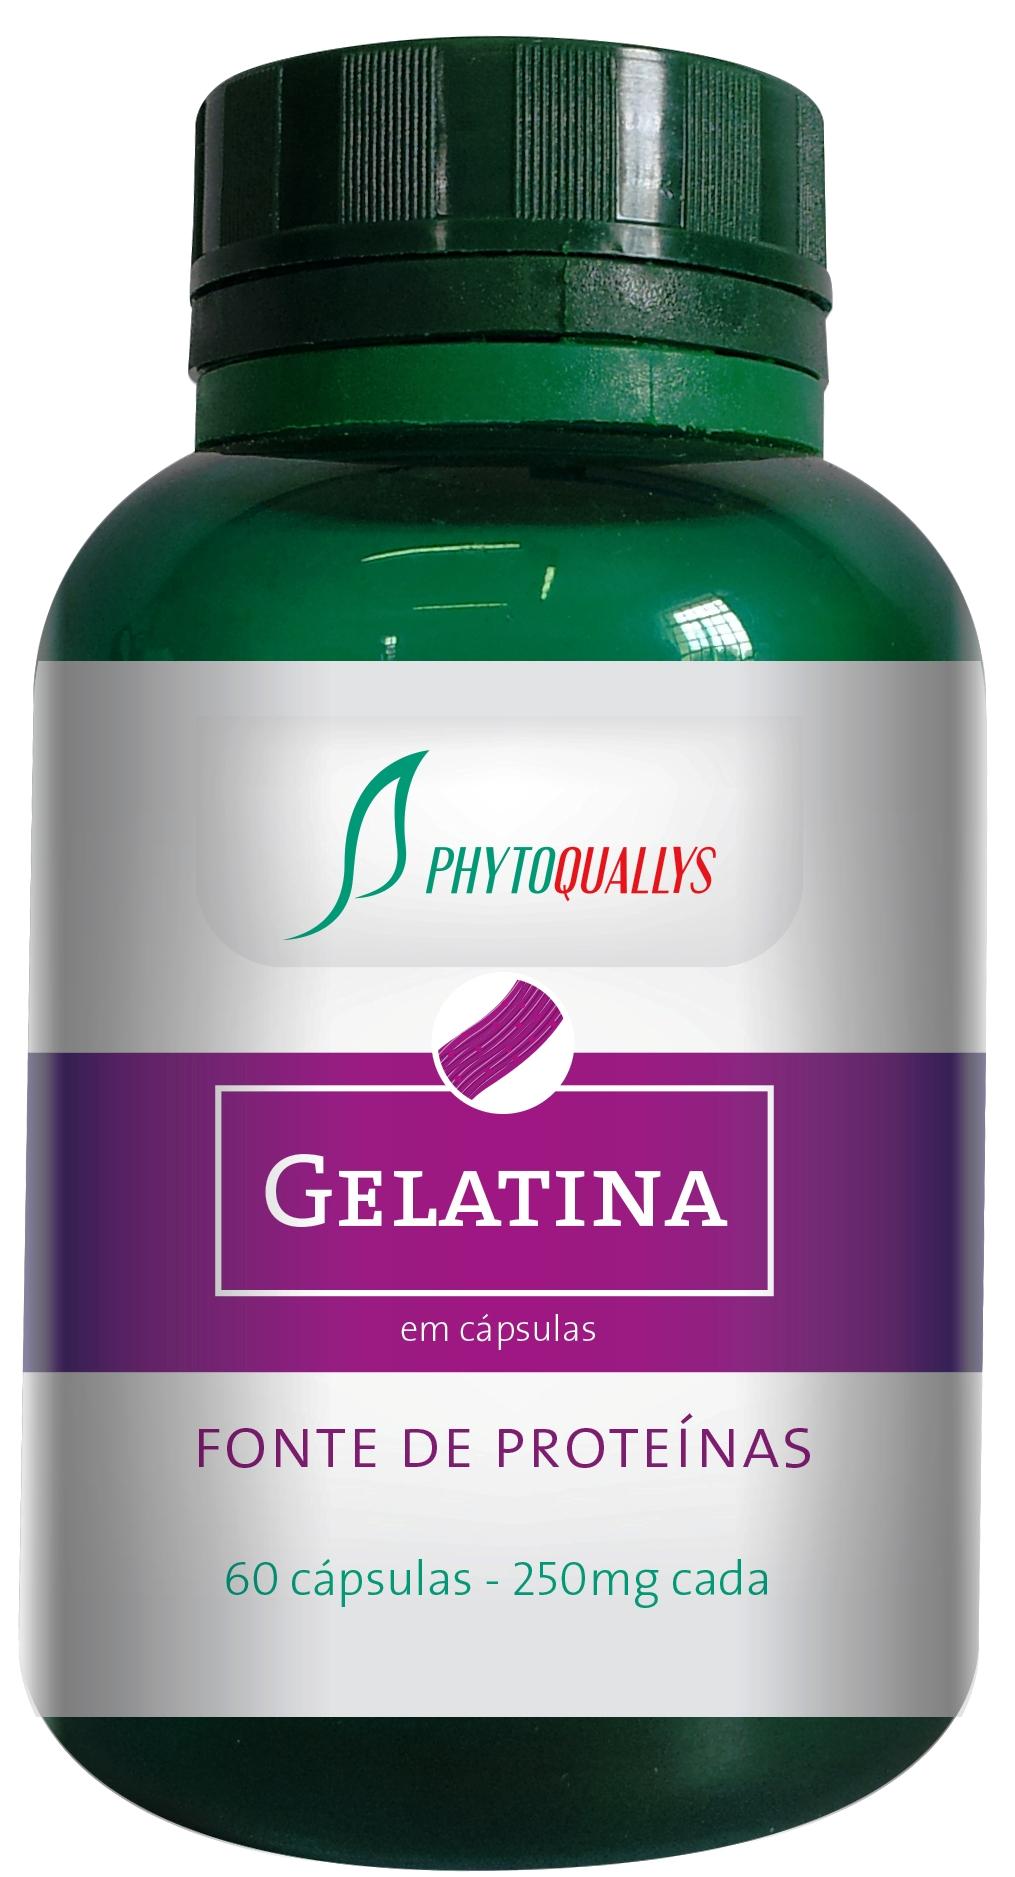 GELATINA PhytoQuallys - Frasco com 60 cápsulas